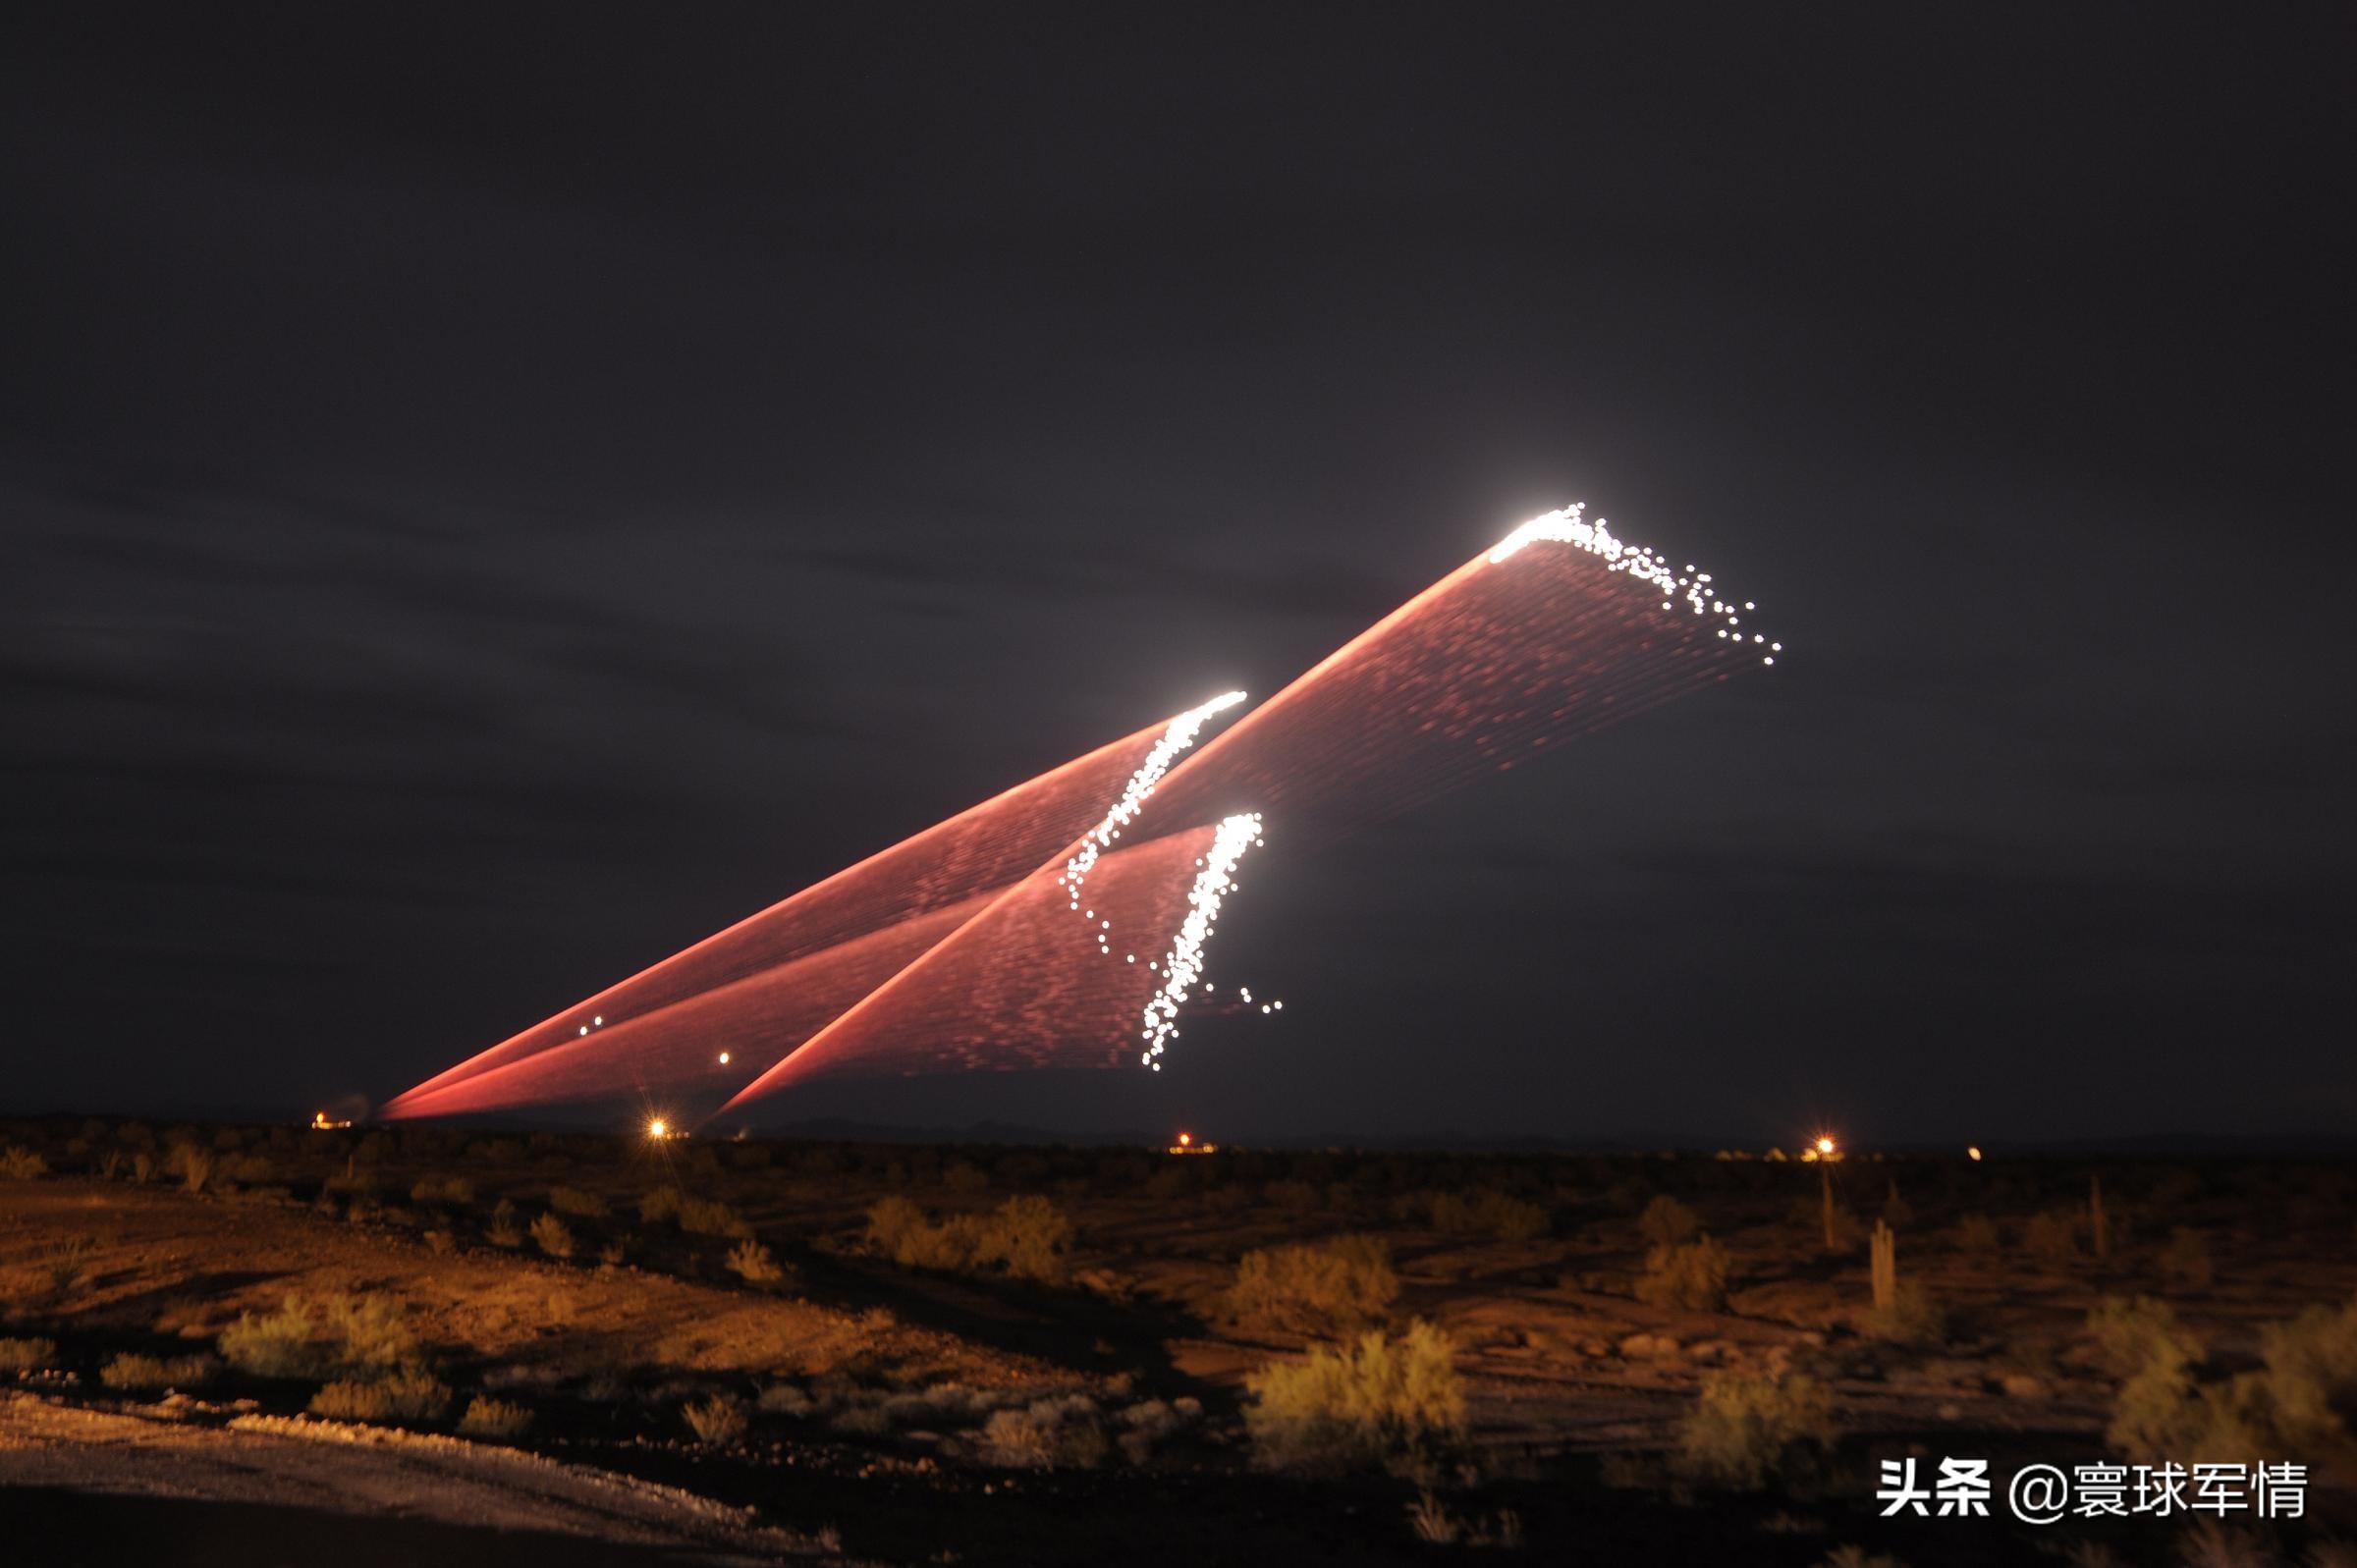 密集阵连续开火,美驻伊大使馆拦截4枚火箭弹,另有一枚触地爆炸 原创寰球军情2020-12-21 22:00:26 长期以来,美国都高举反恐或者和平的旗号在中东地区悍然展开军事行动,当前伊拉克的局势已经